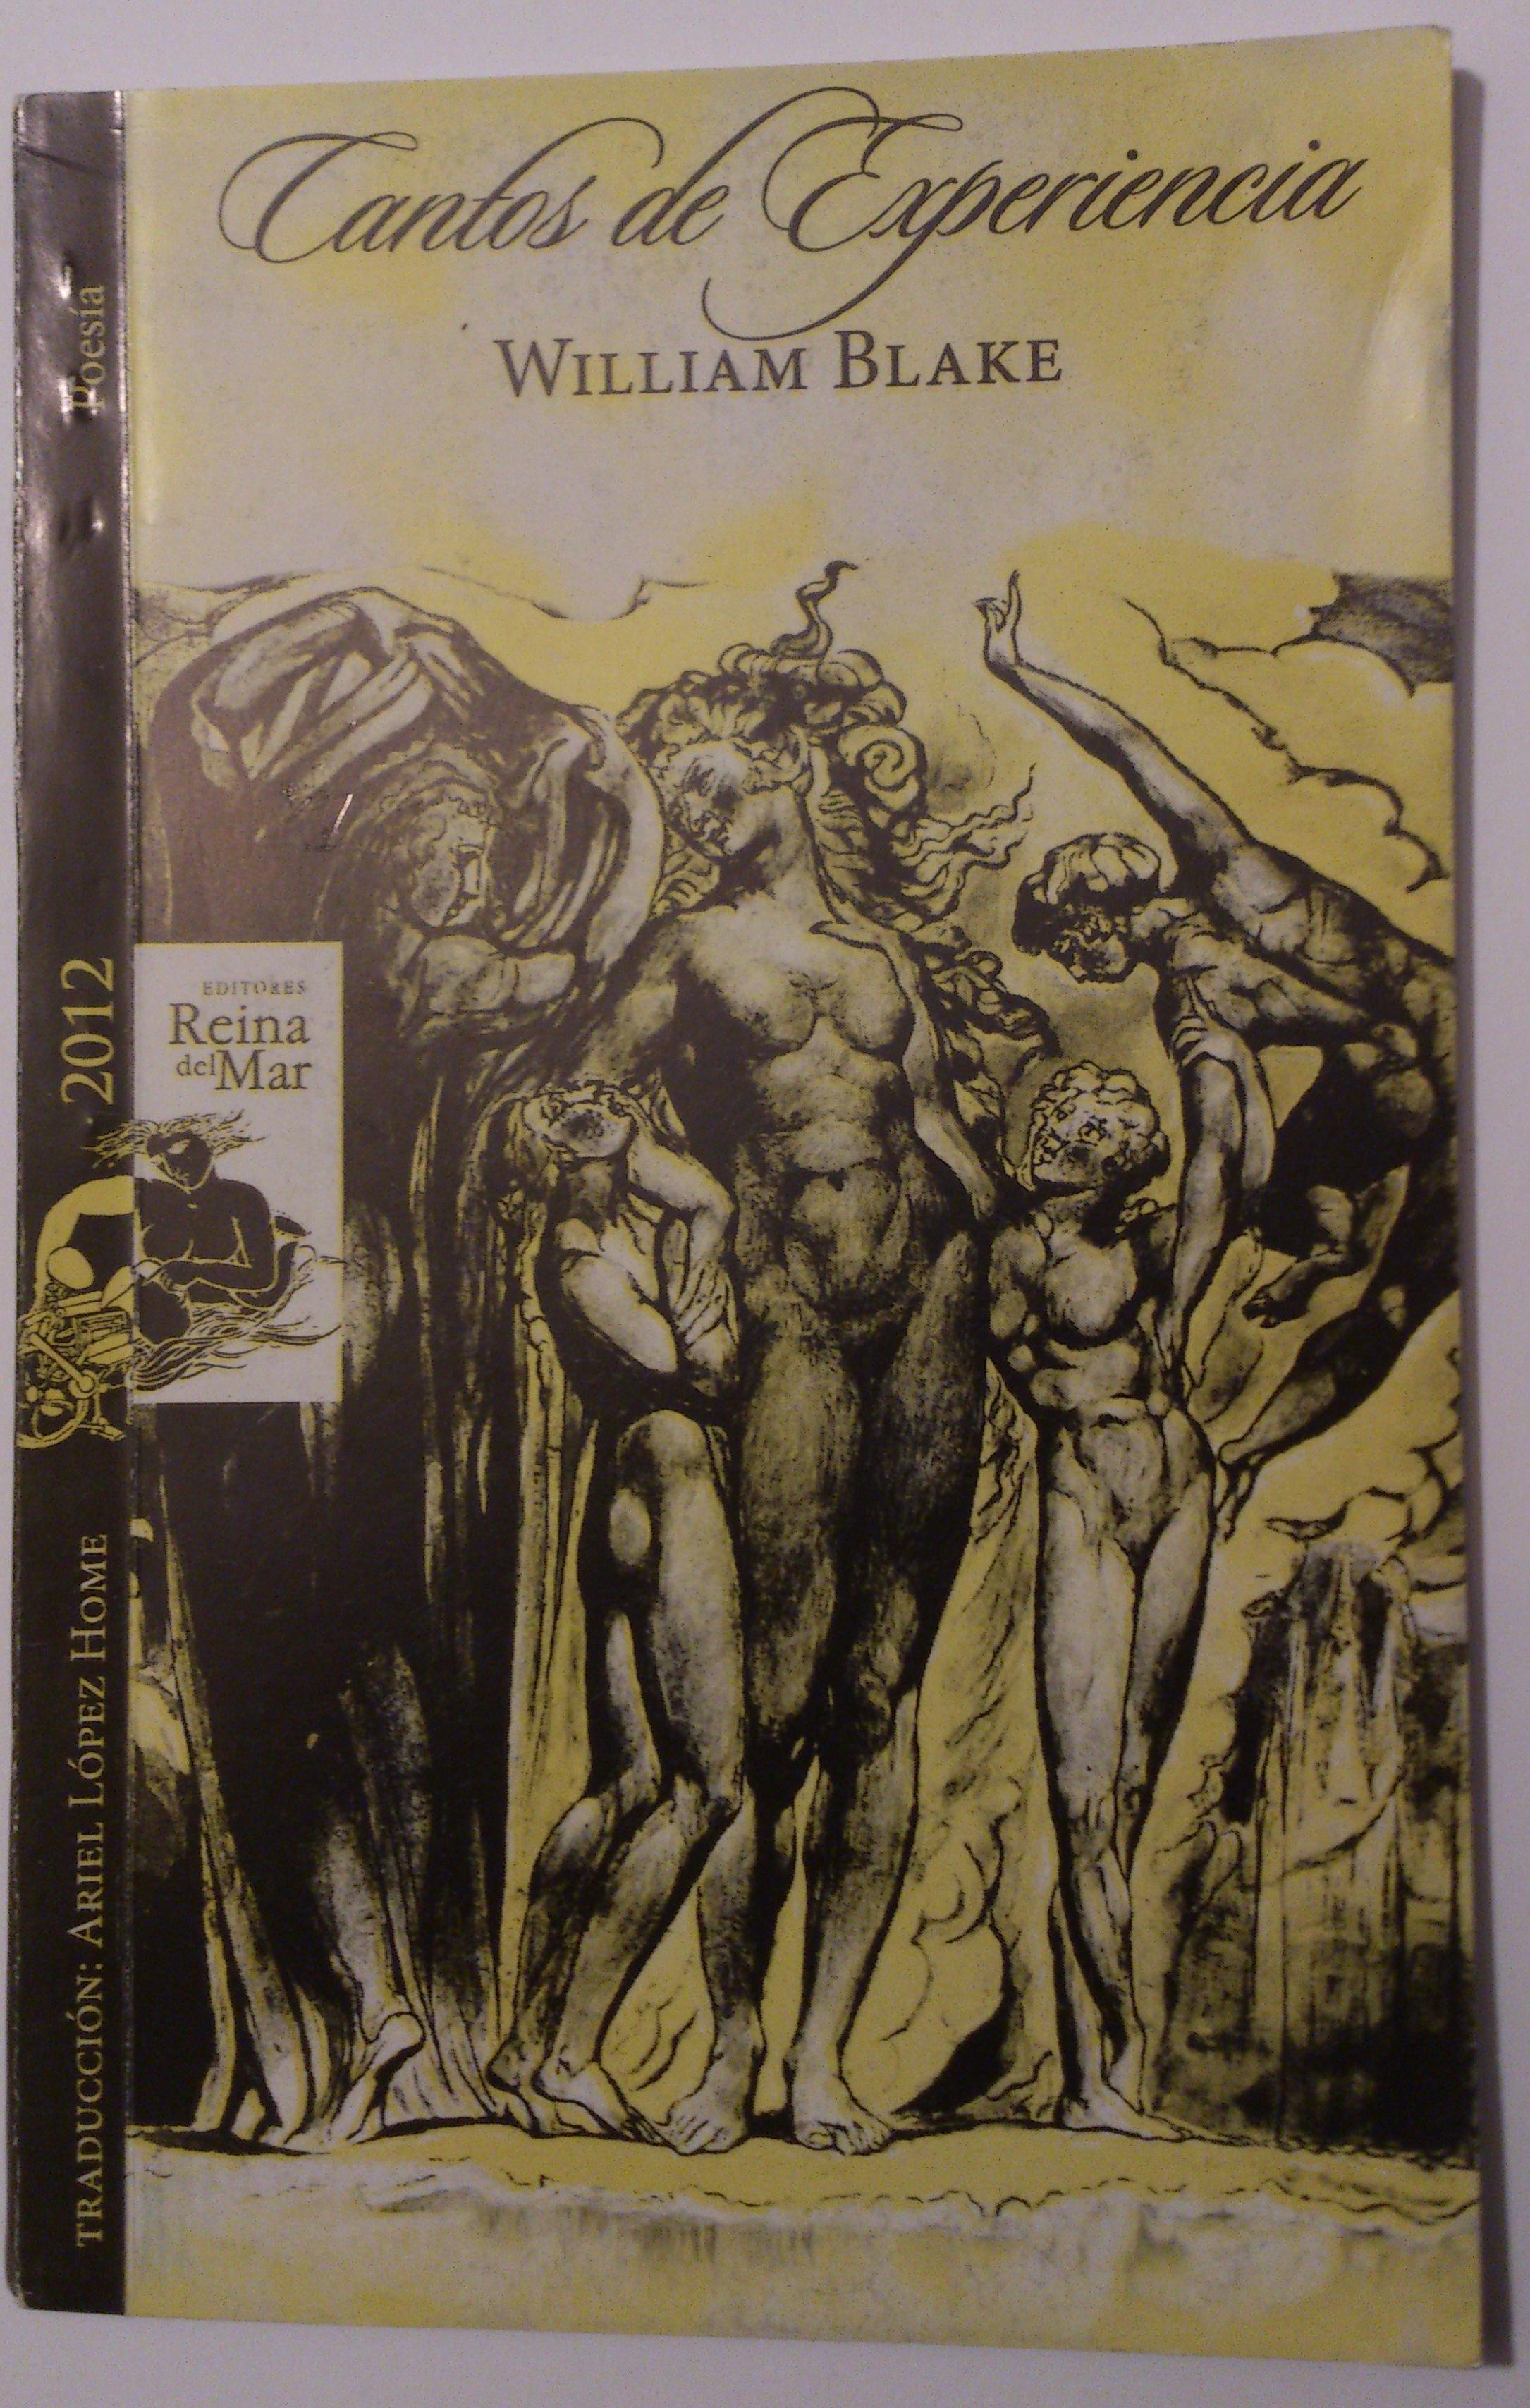 Cantos de experiencia  by  William Blake